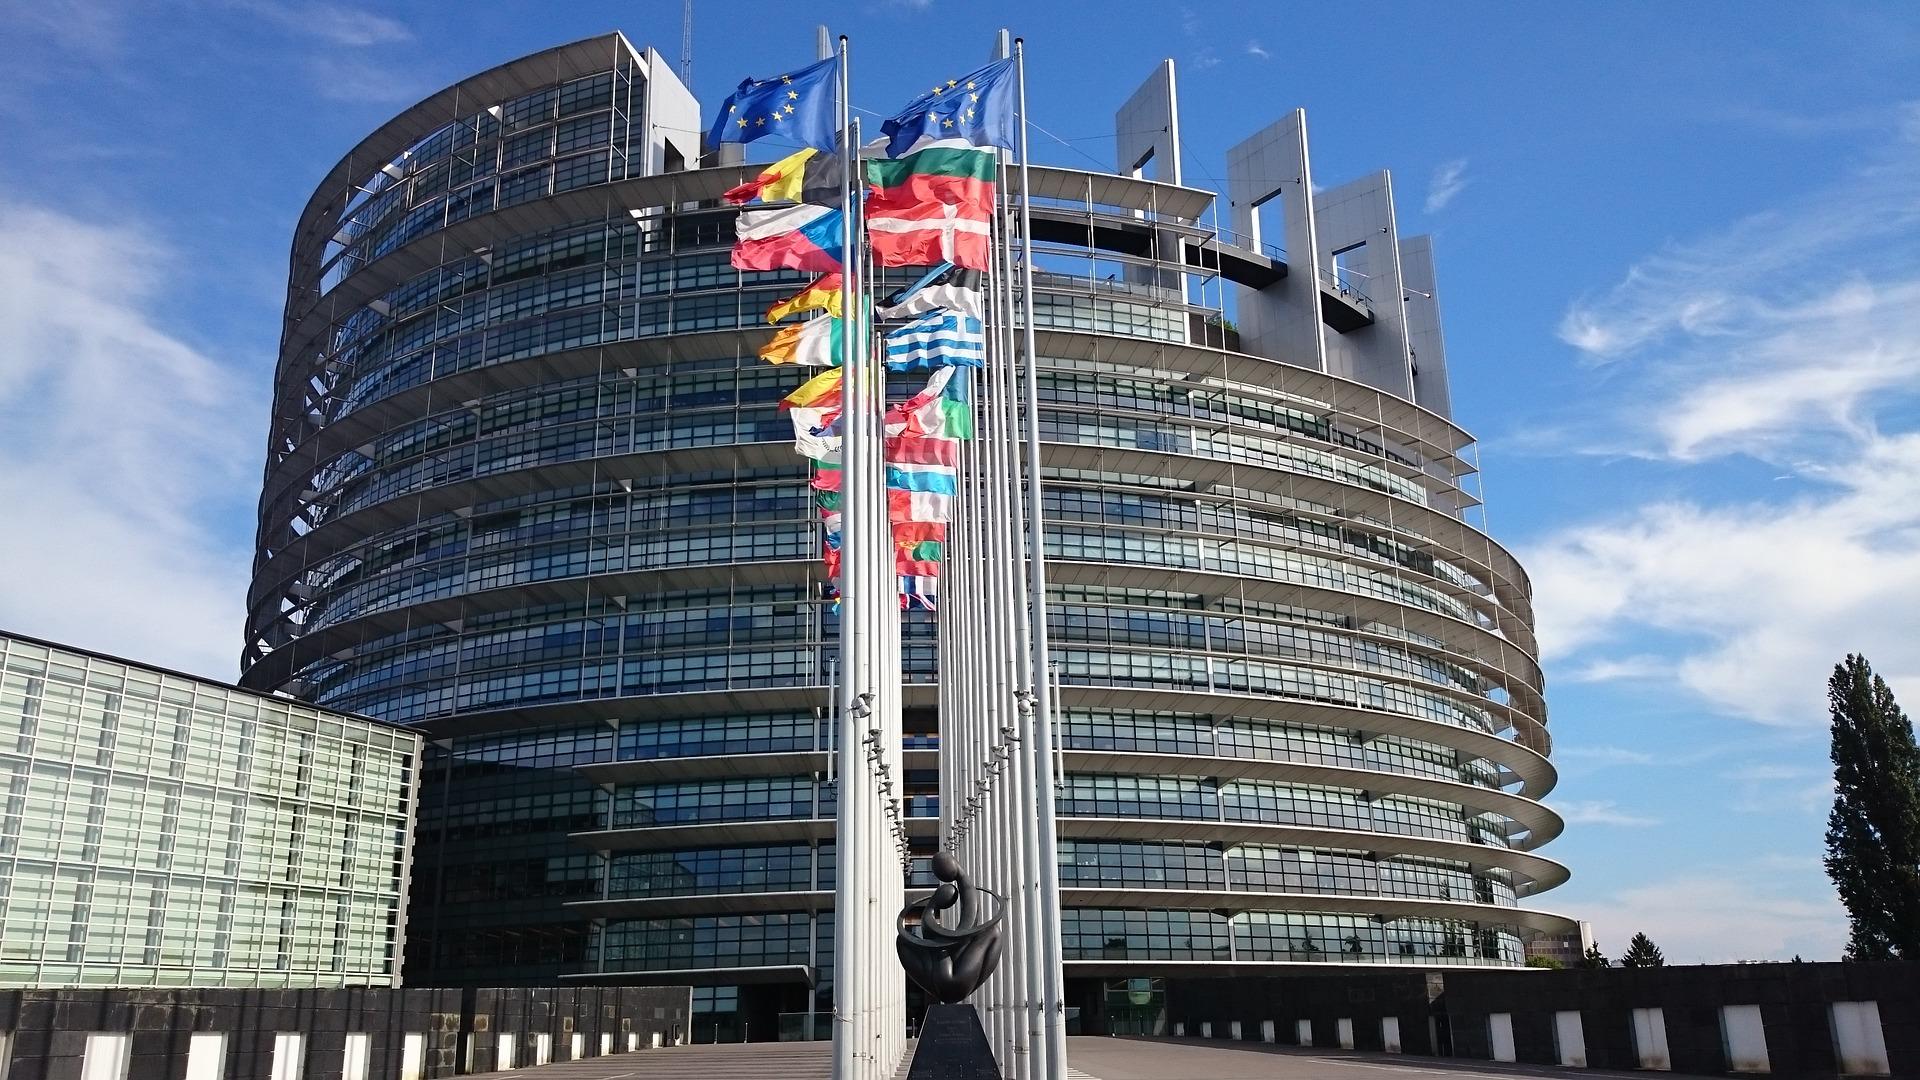 elezioni europee-ability channel-elezioni europee disabilità-elezioni europee 2019-elezioni europee 2019 chi vota